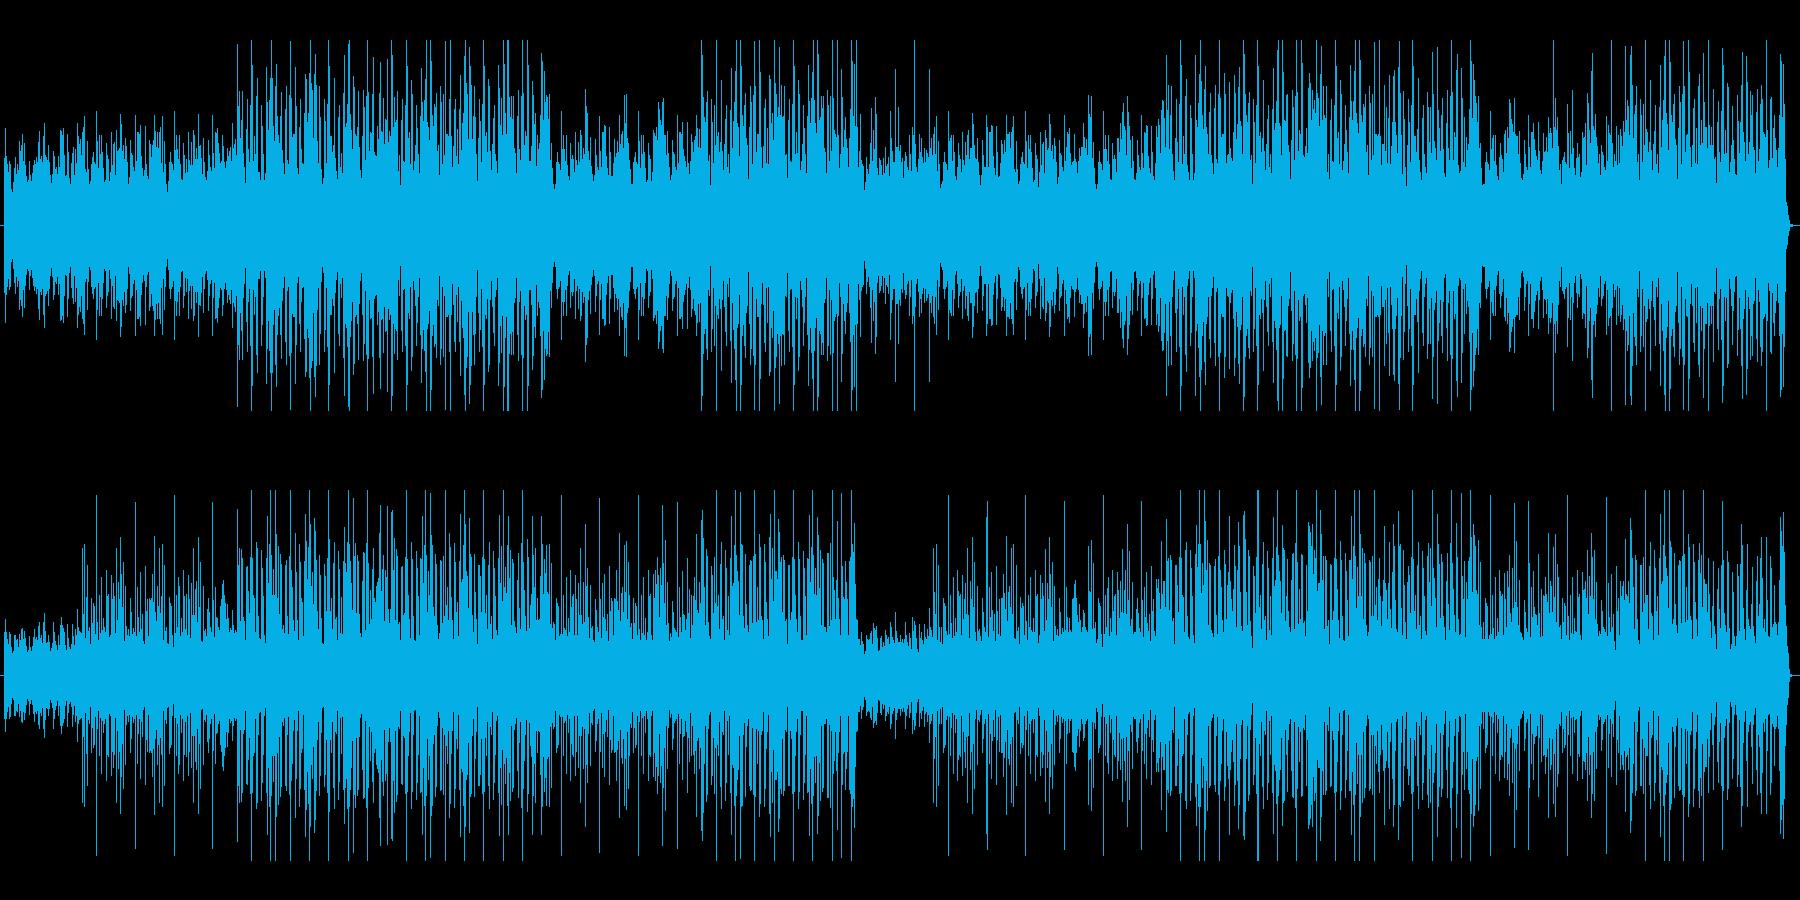 ノリノリのピアノ曲の再生済みの波形